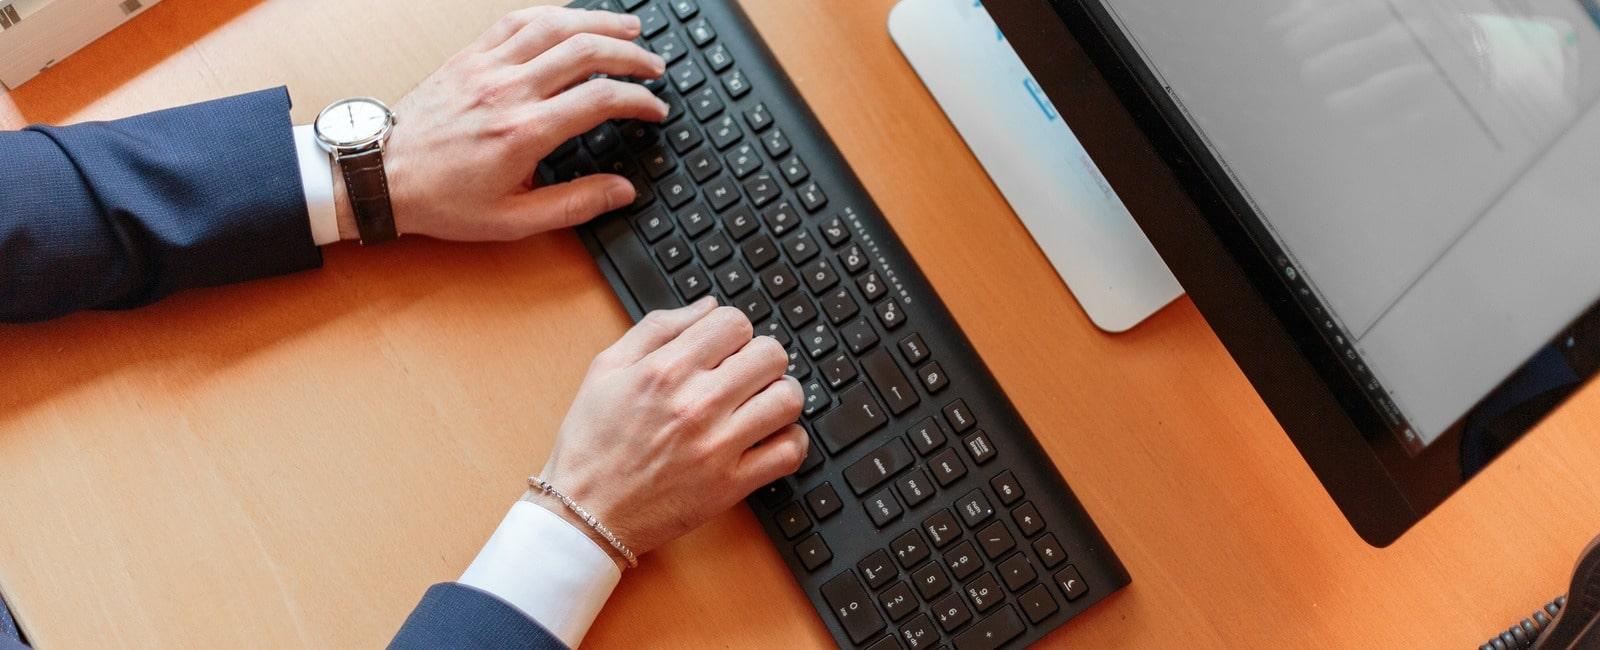 Количество пользователей электронных подписей выросла на 69%